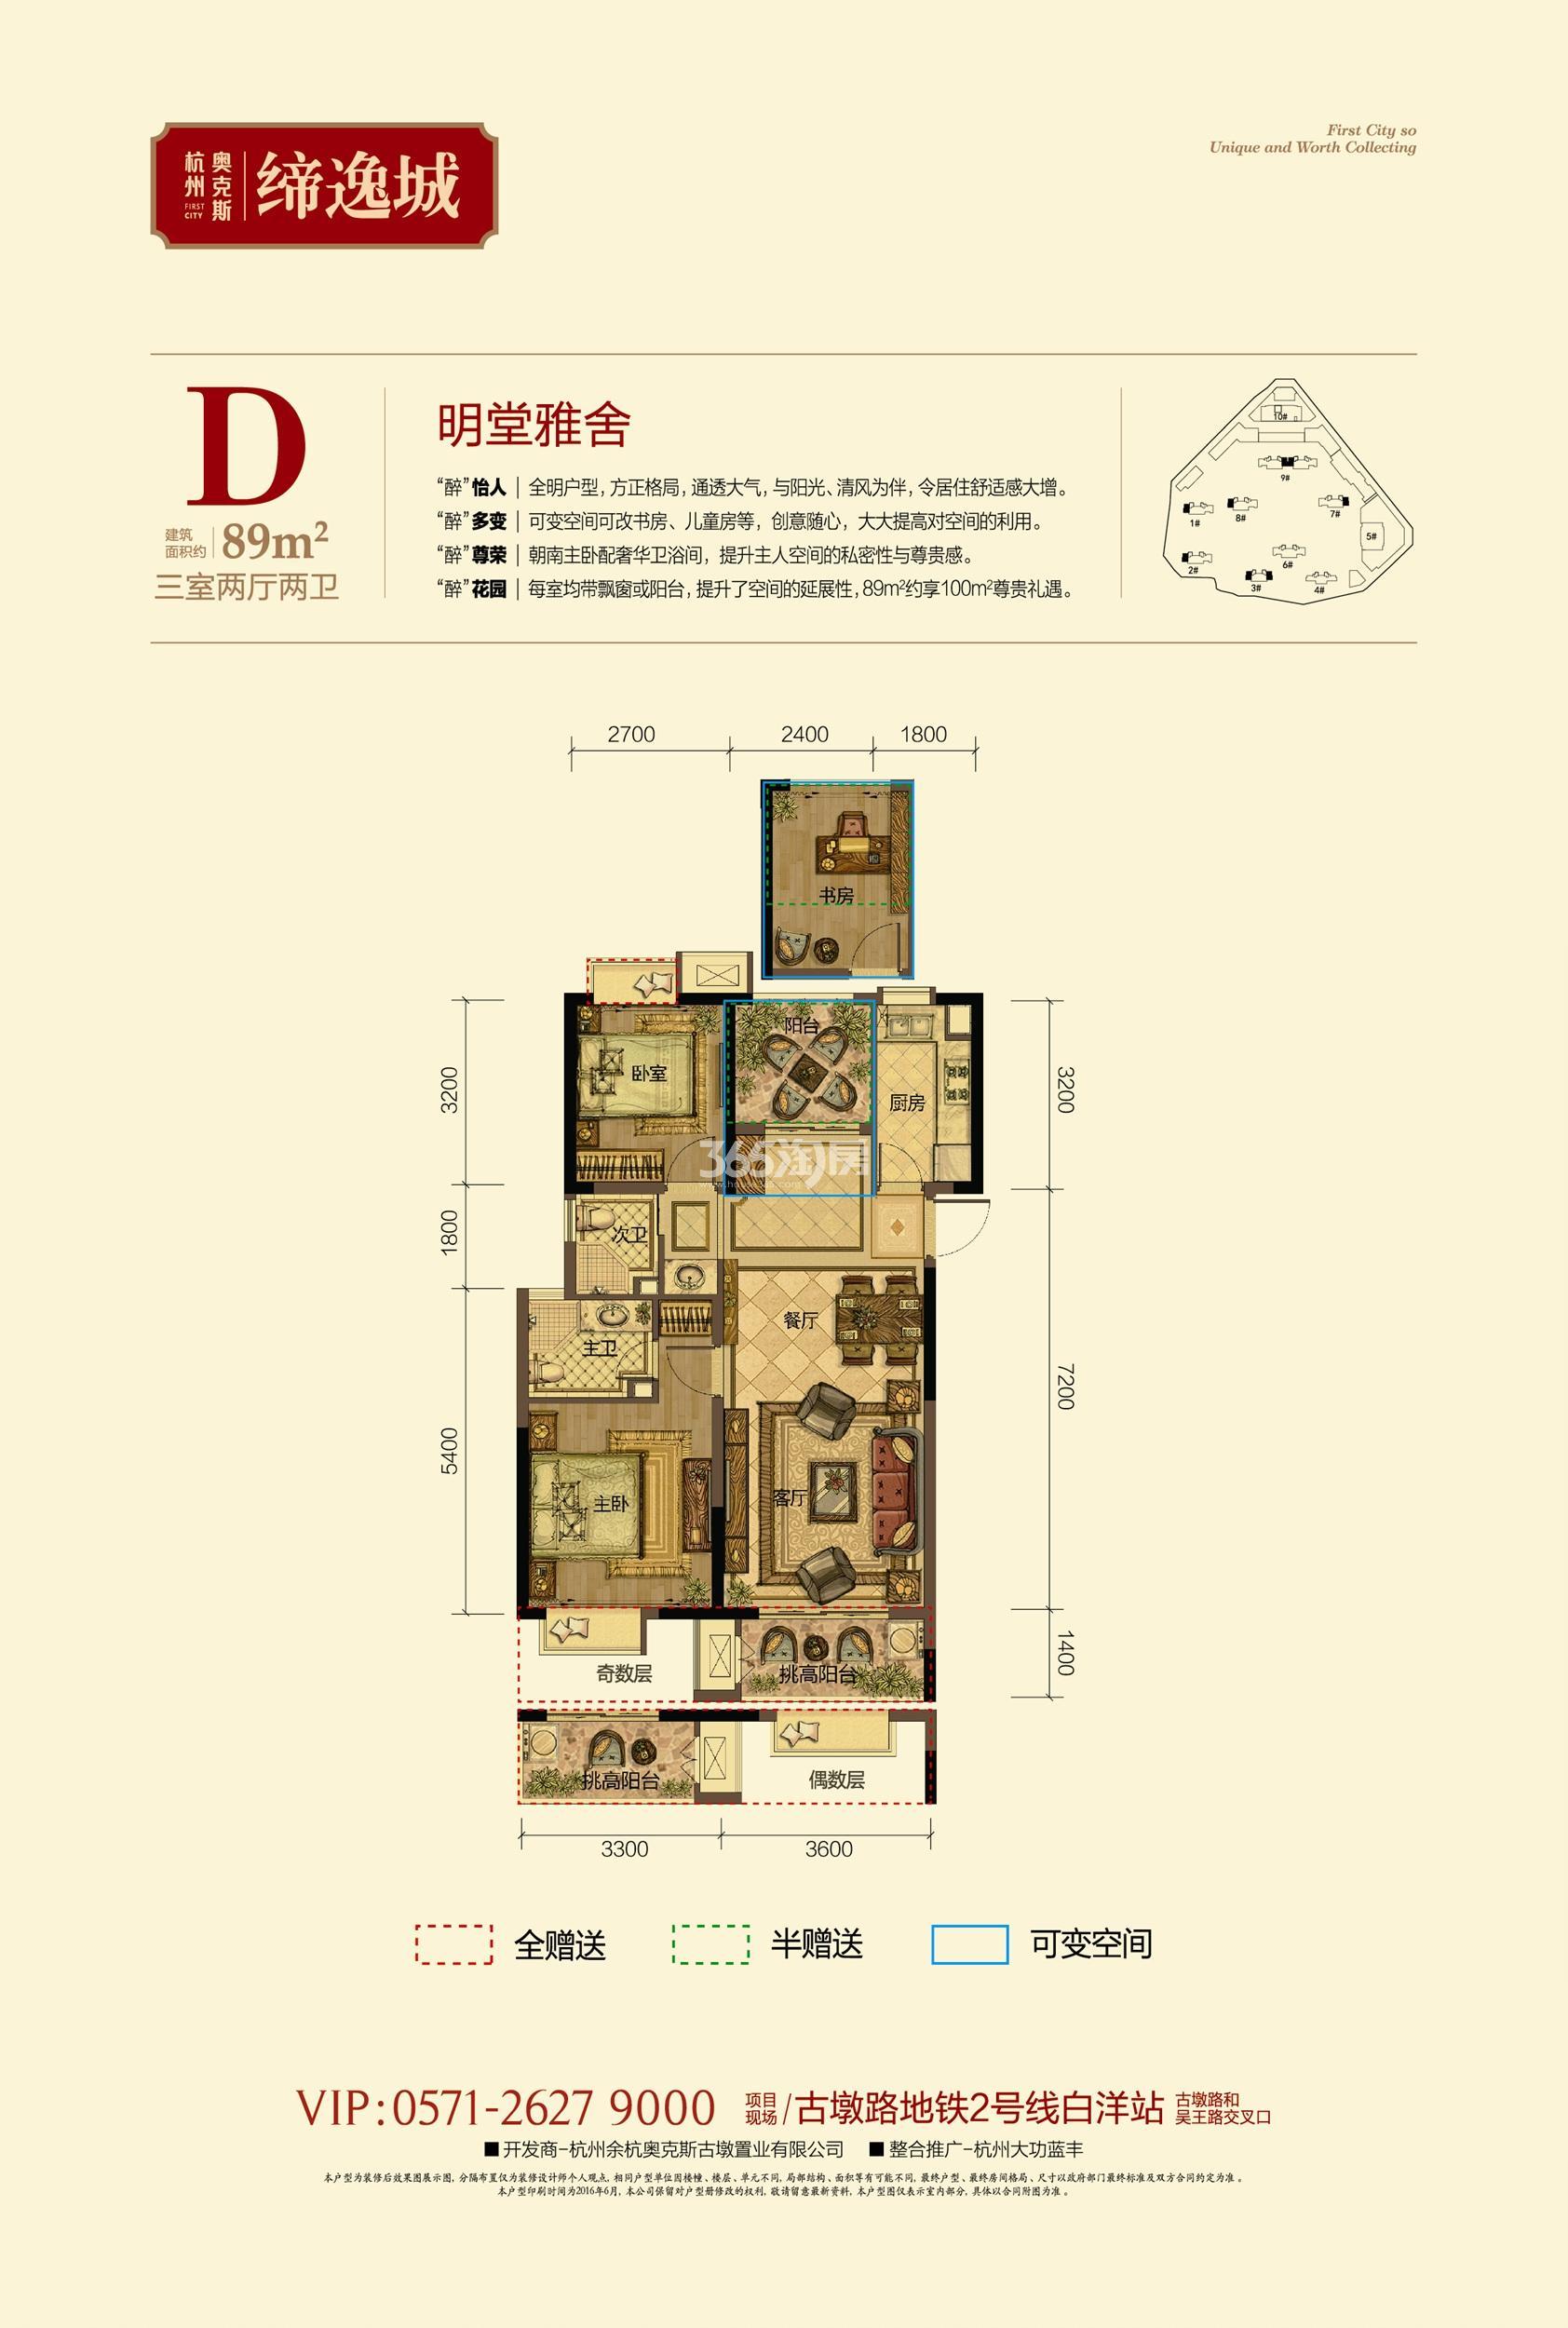 奥克斯缔逸城1、2、3、7、8号楼边套和9号楼中间套D户型 89㎡